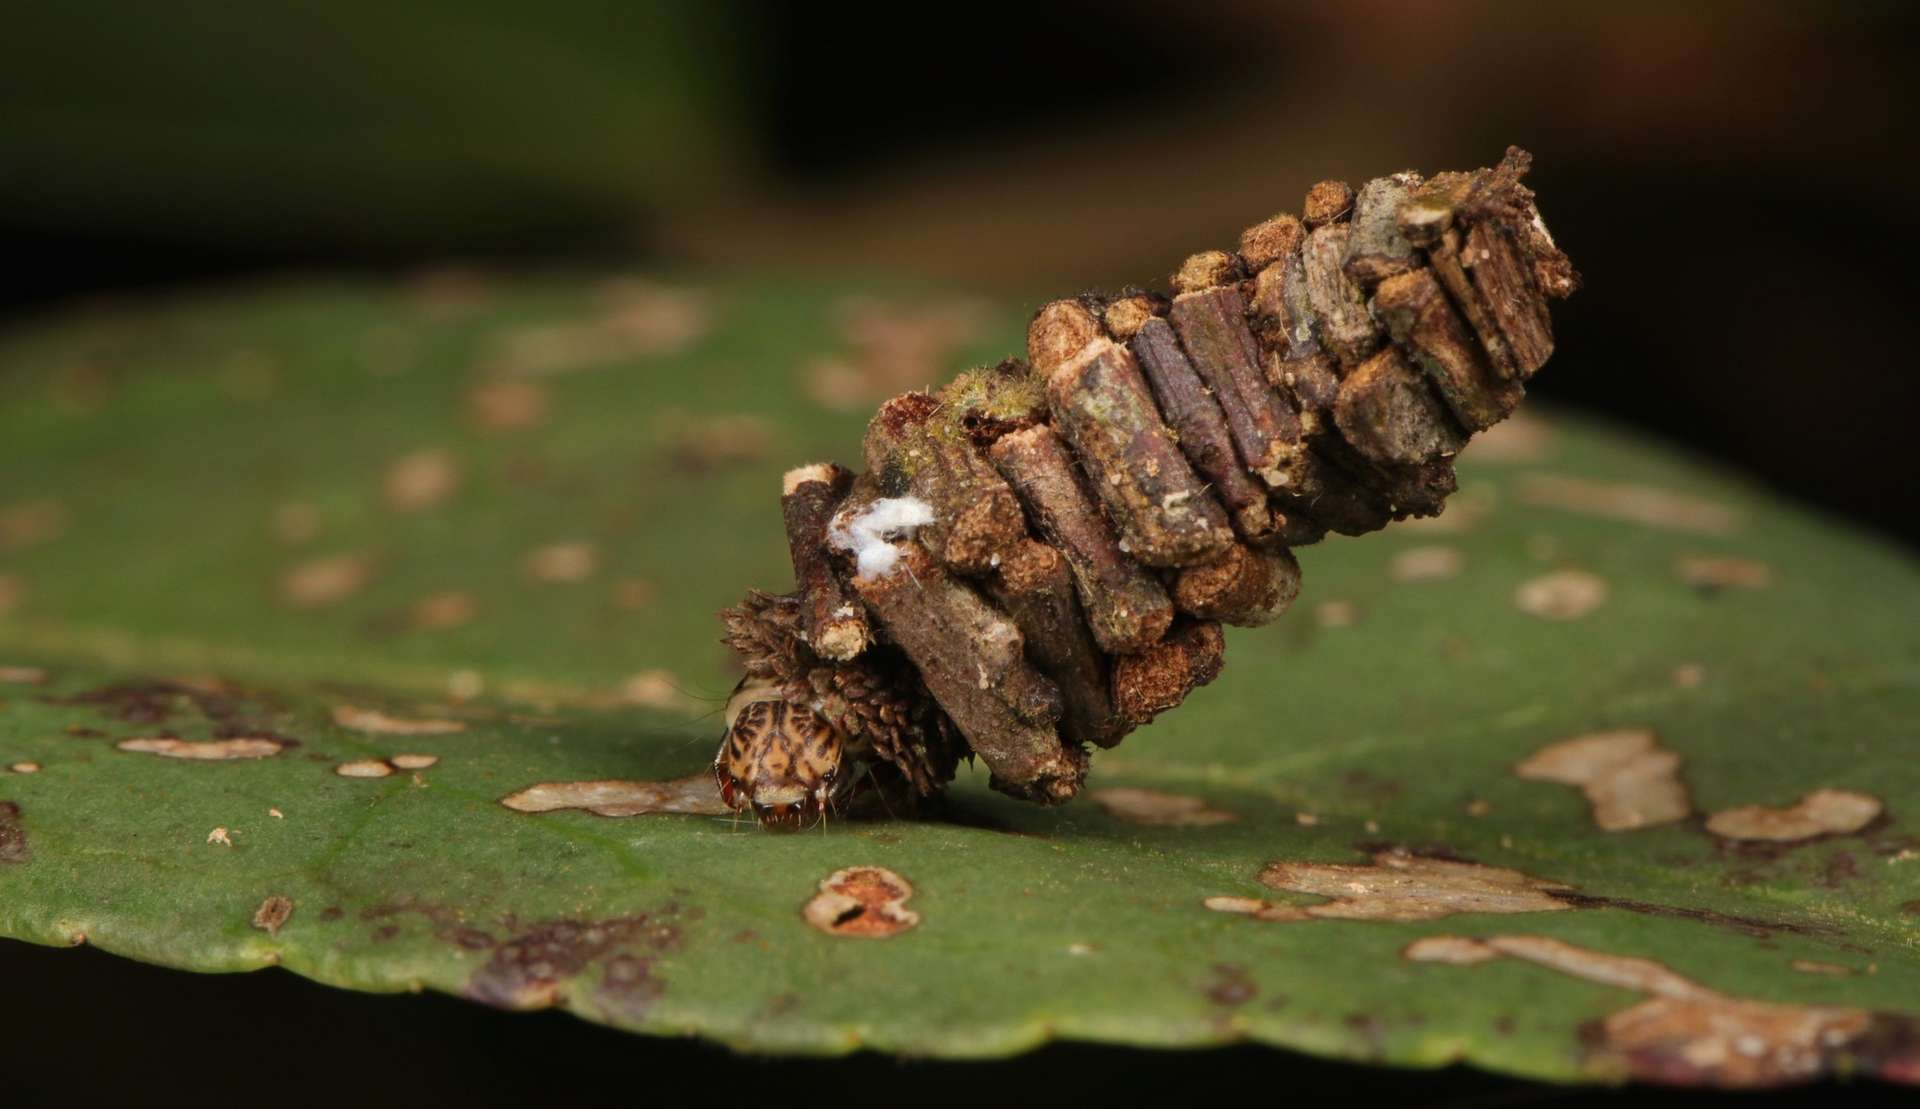 cet insecte transporte sa maison